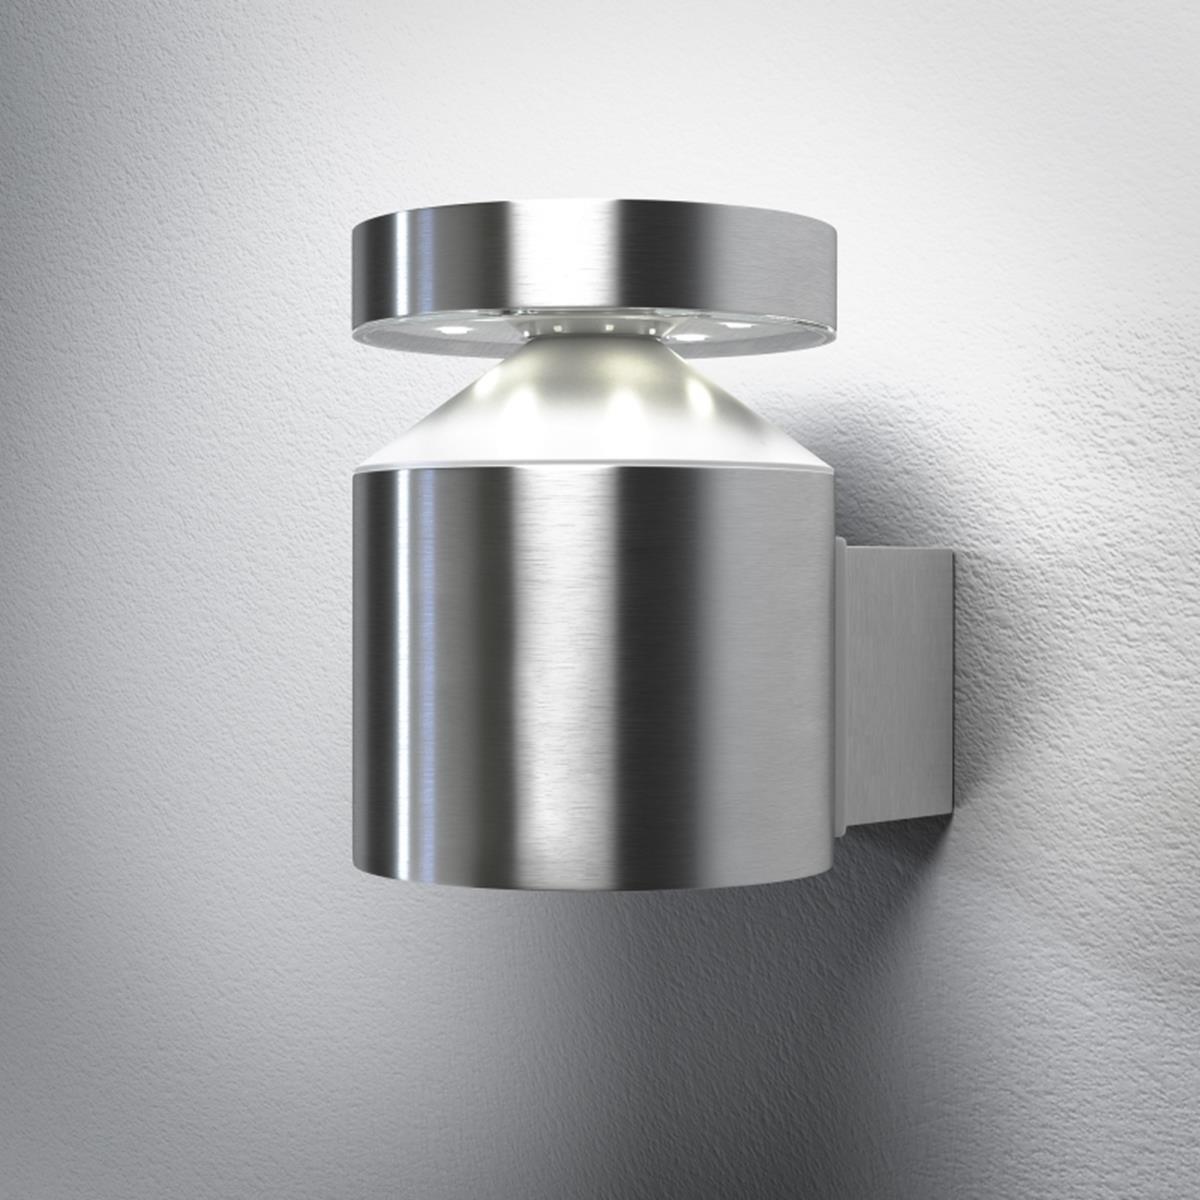 OSRAM ENDURA STYLE Cylinder Edelstahl LED WAND-LEUCHTE 6W 360lm warm white 3000K